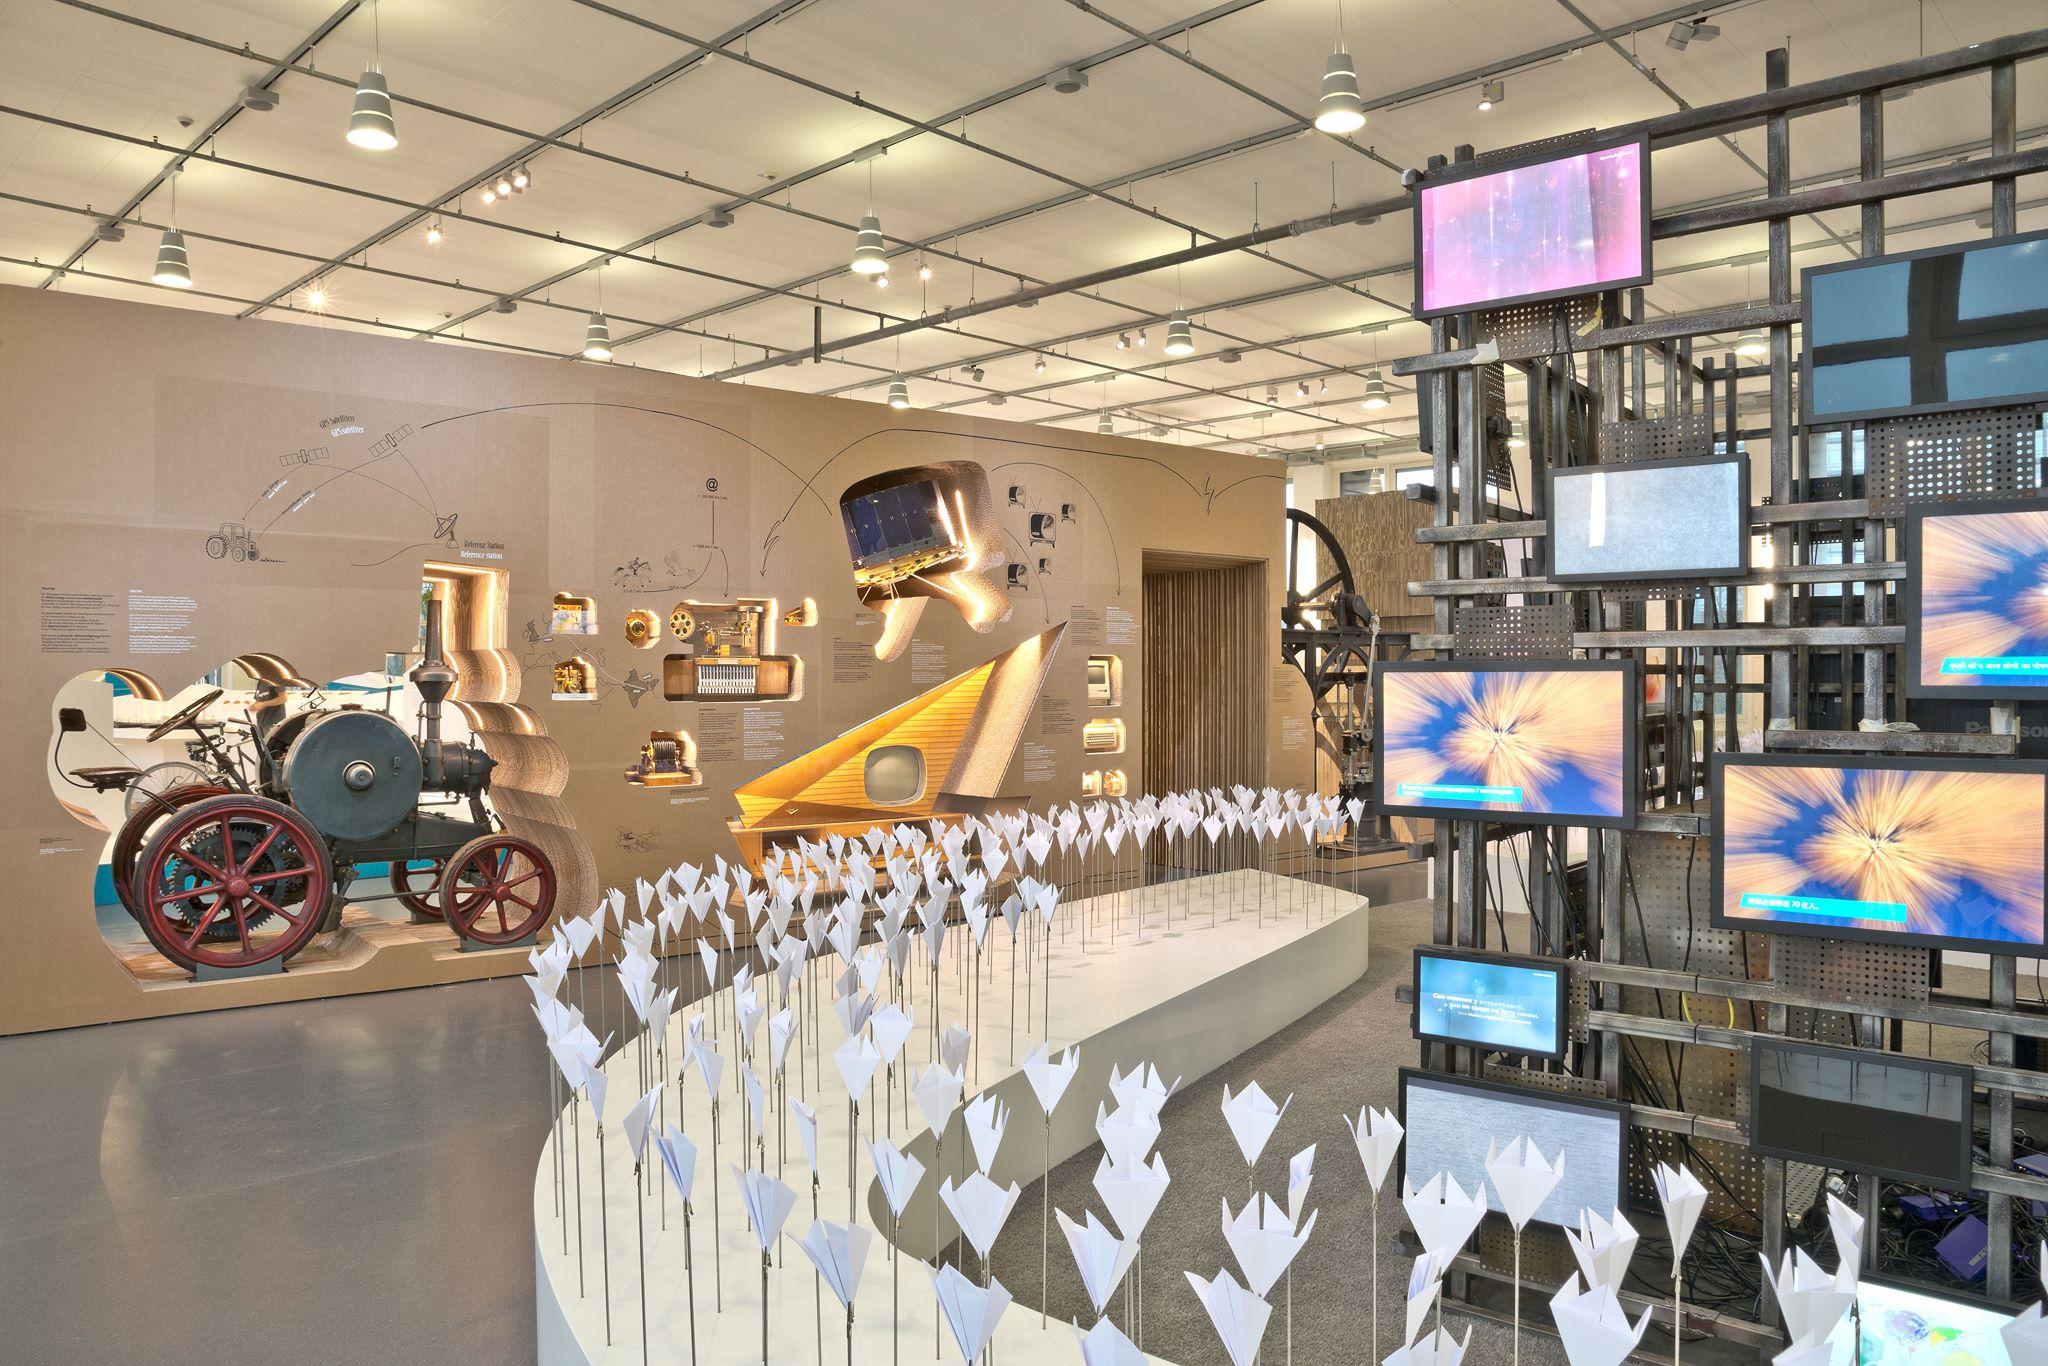 พิพิธภัณฑ์เยอรมัน -บรรยากาศ